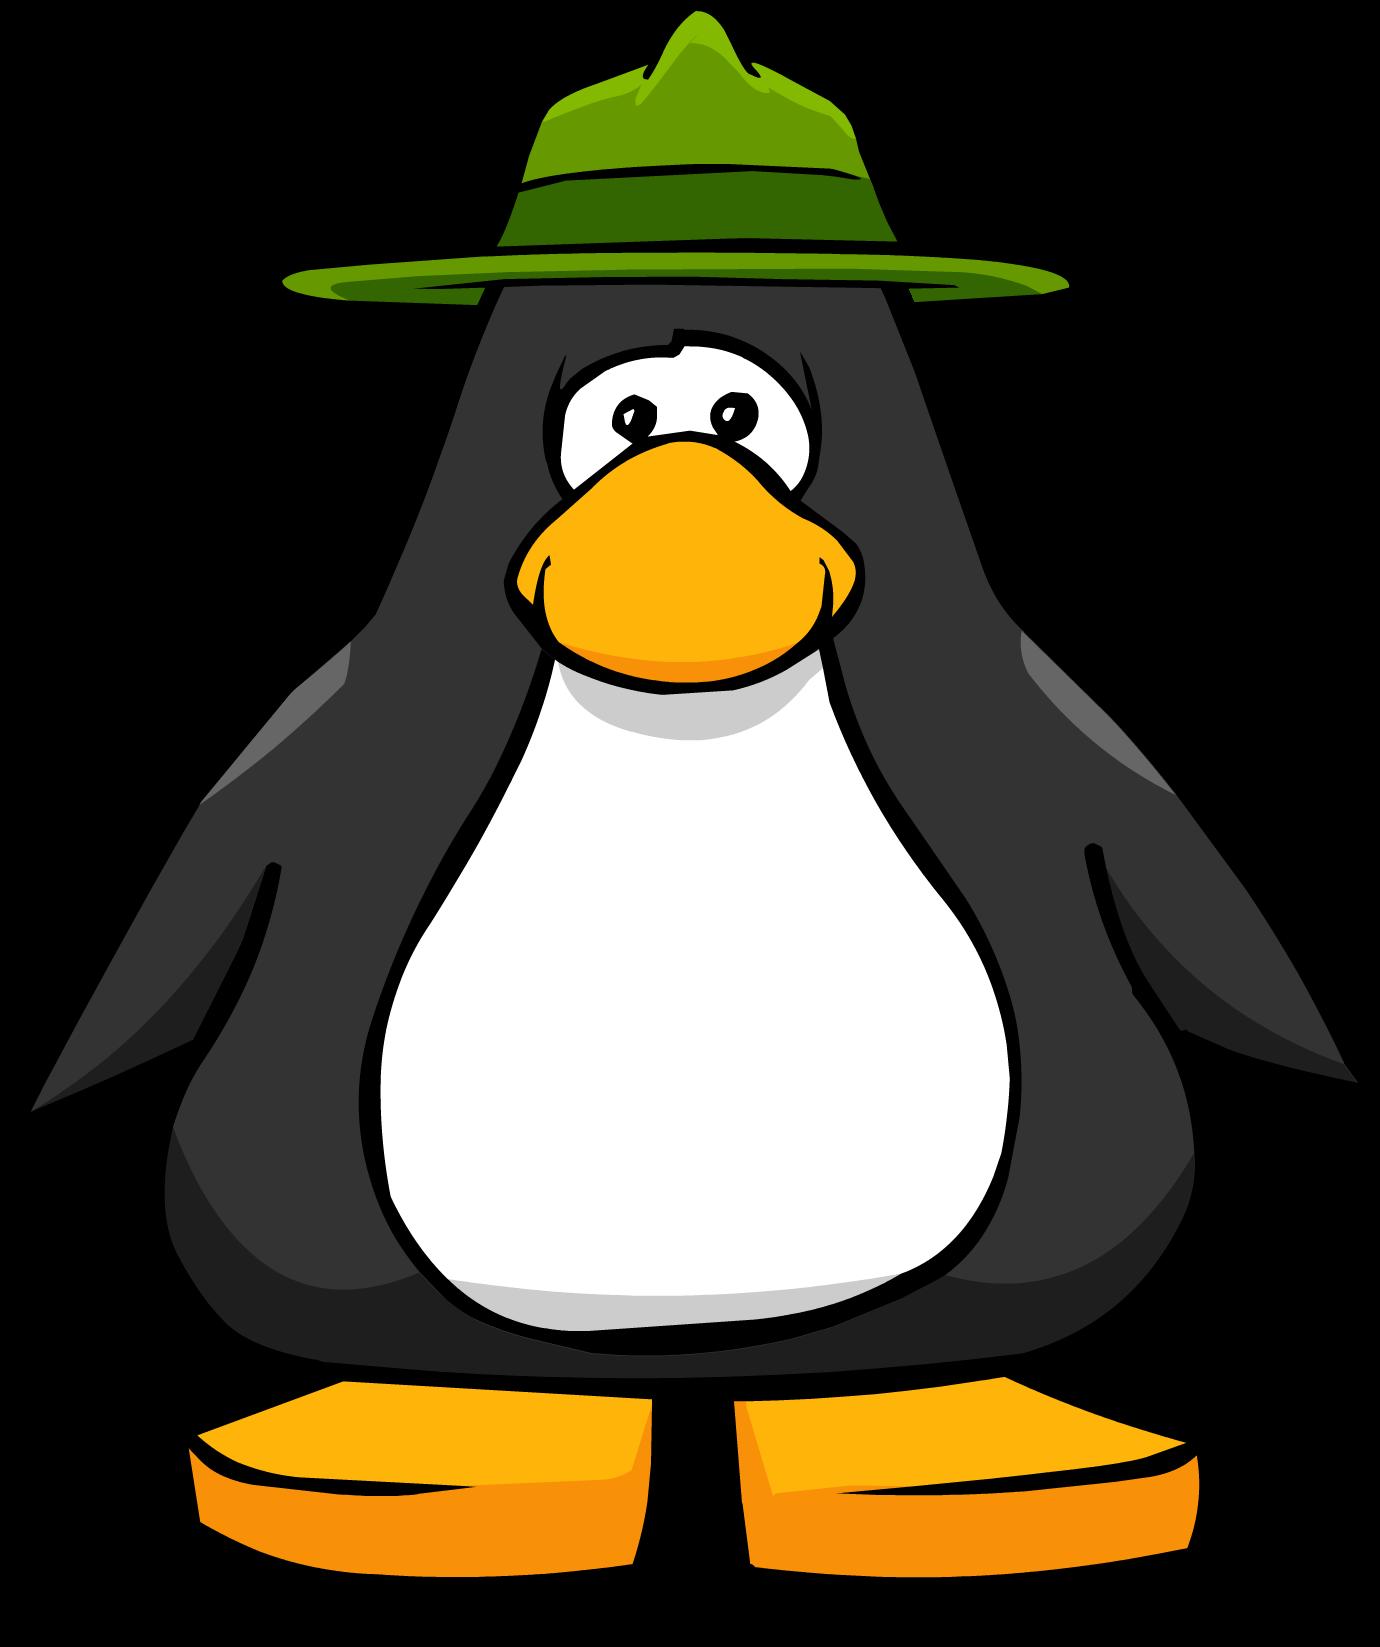 Image hat pc png. Hats clipart park ranger